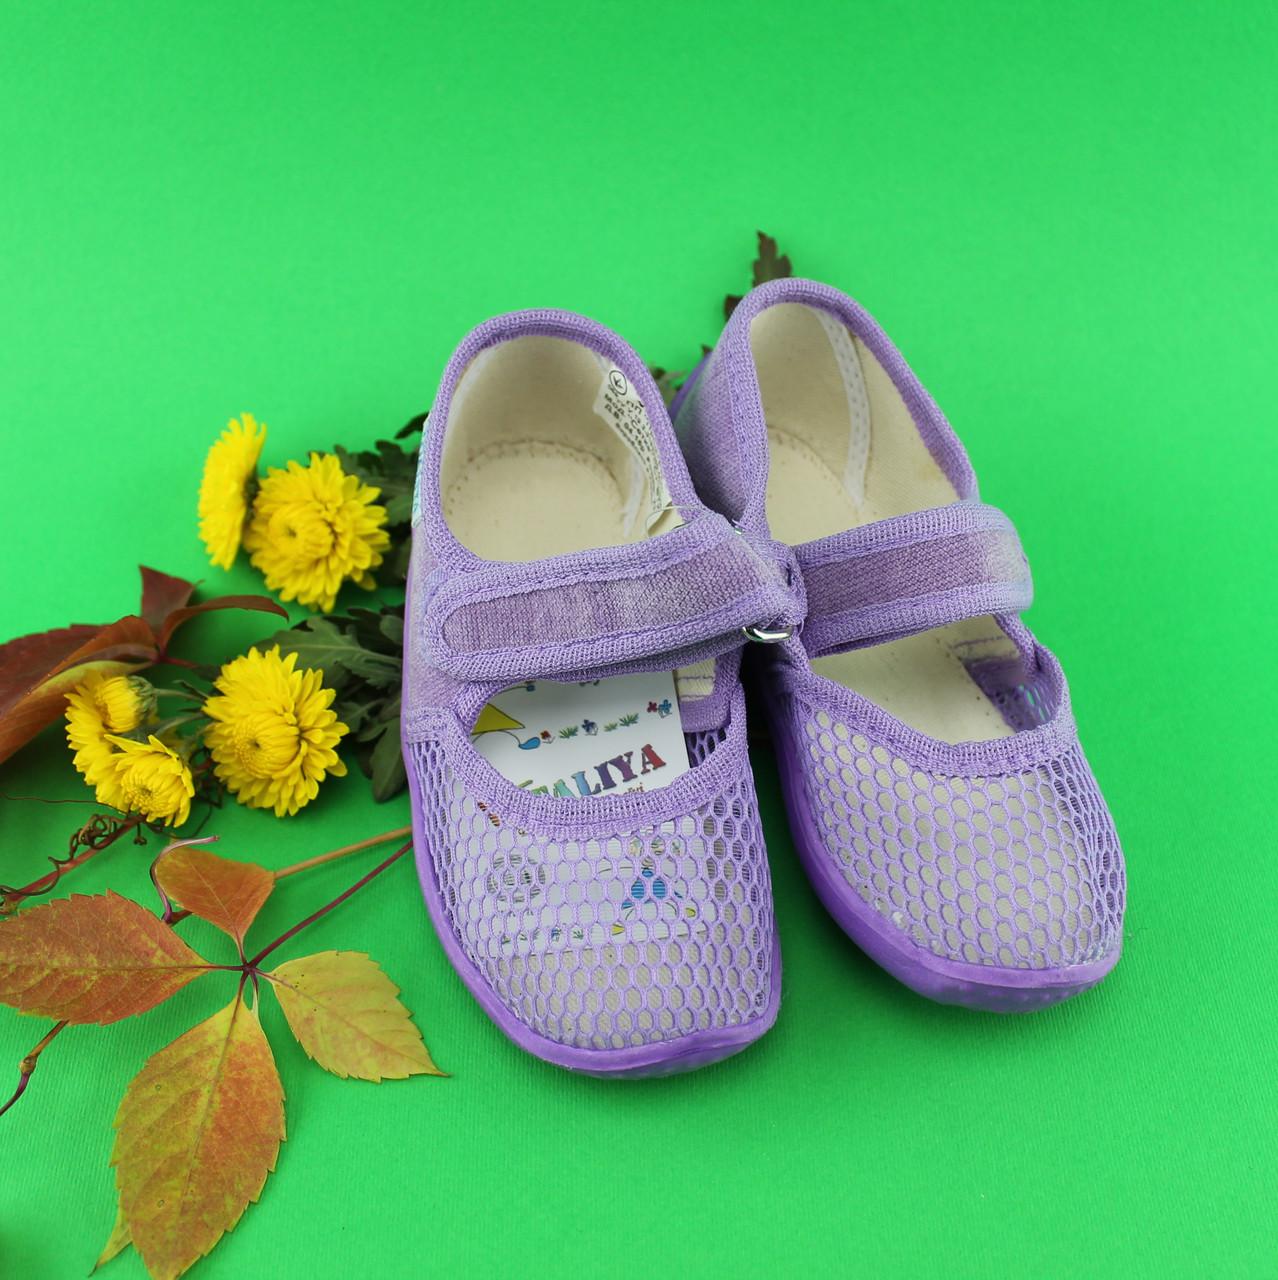 Легкие летние тапочки в сетку на девочку оптом Vitaliya Виталия Украина, размер с 23 по 27